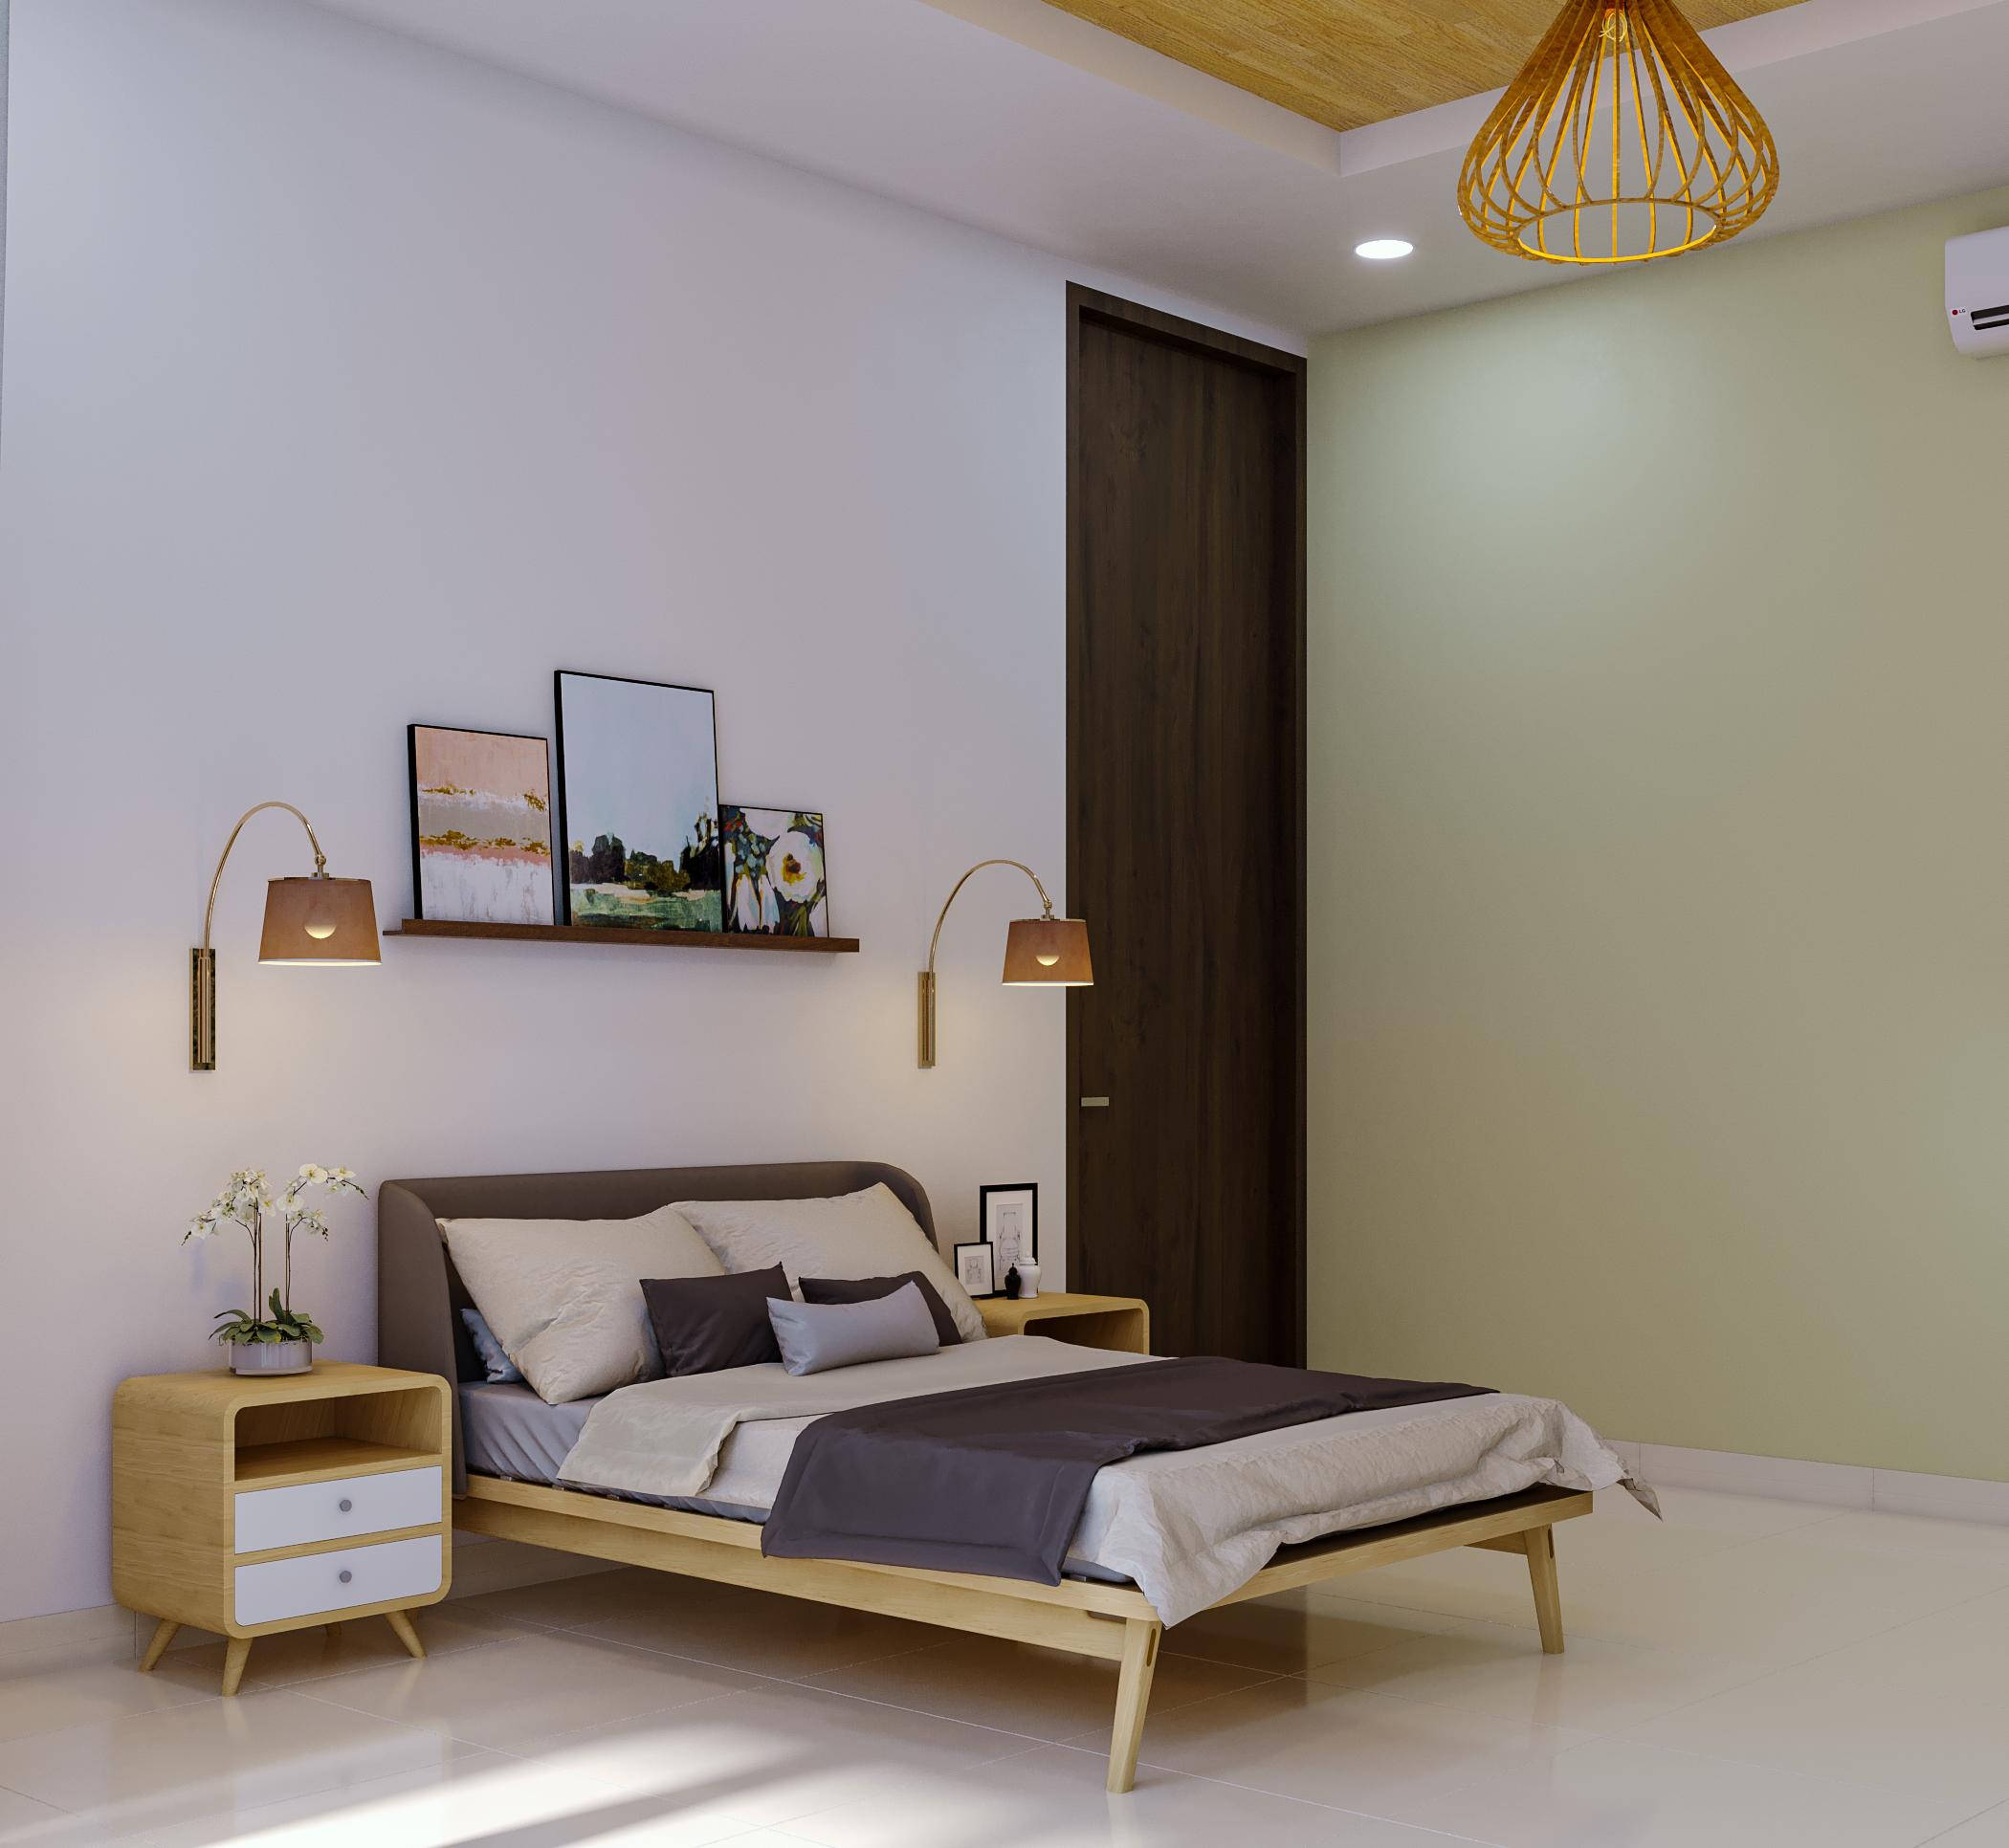 interior kamar tidur di rumah modern tropis